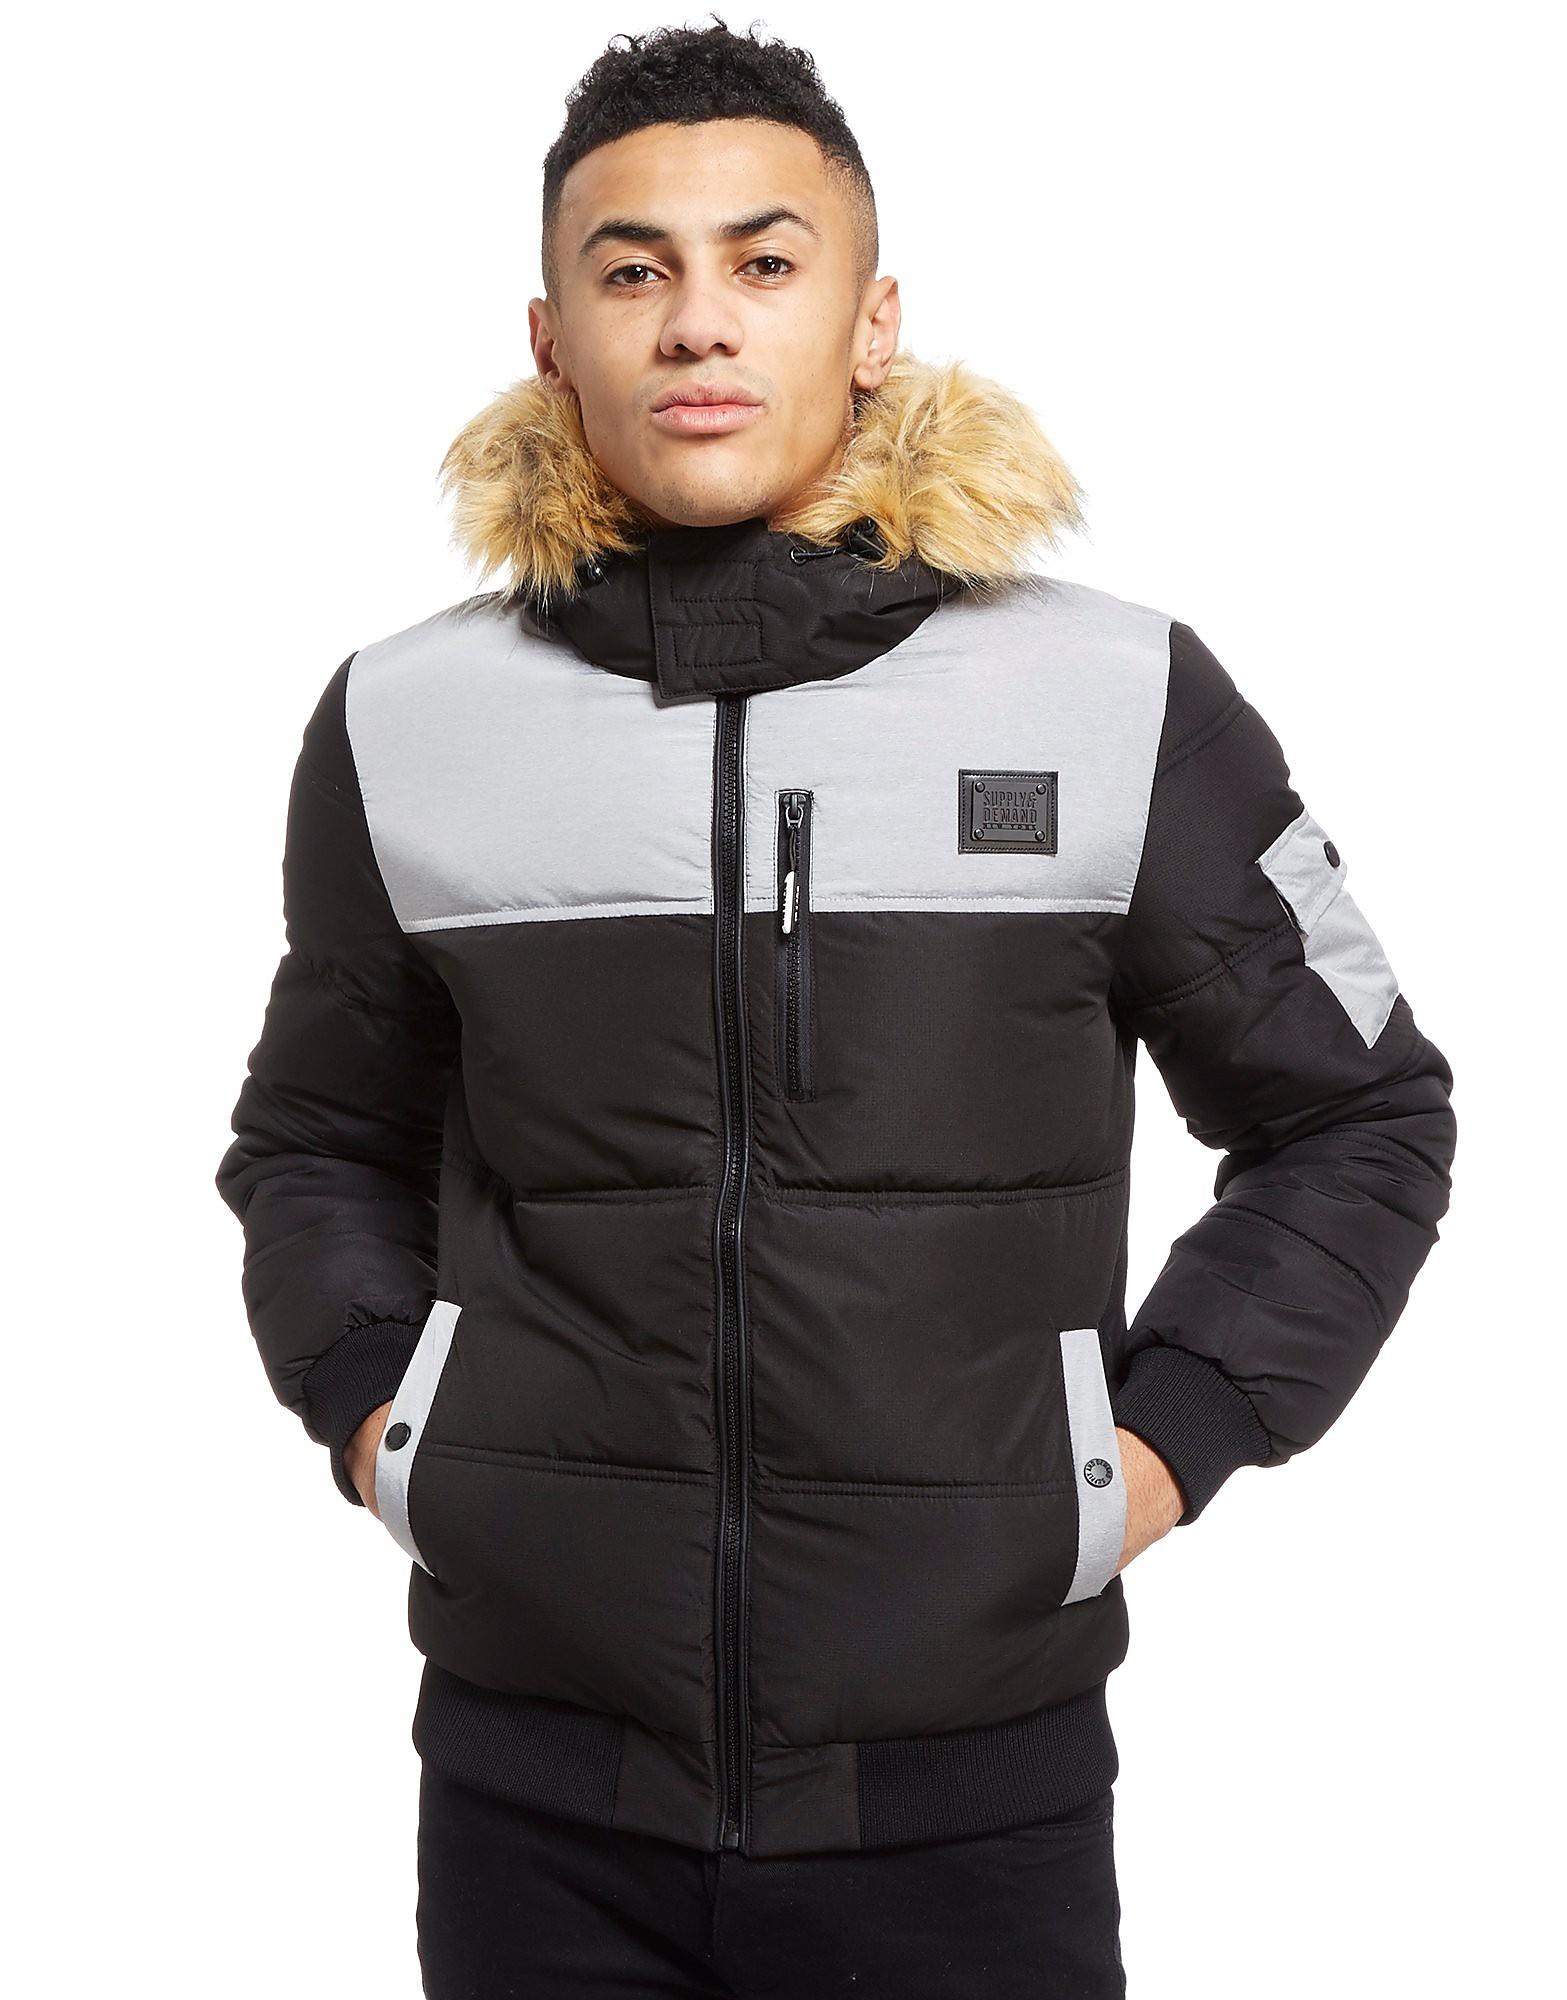 Supply & Demand Sleeper Jacket